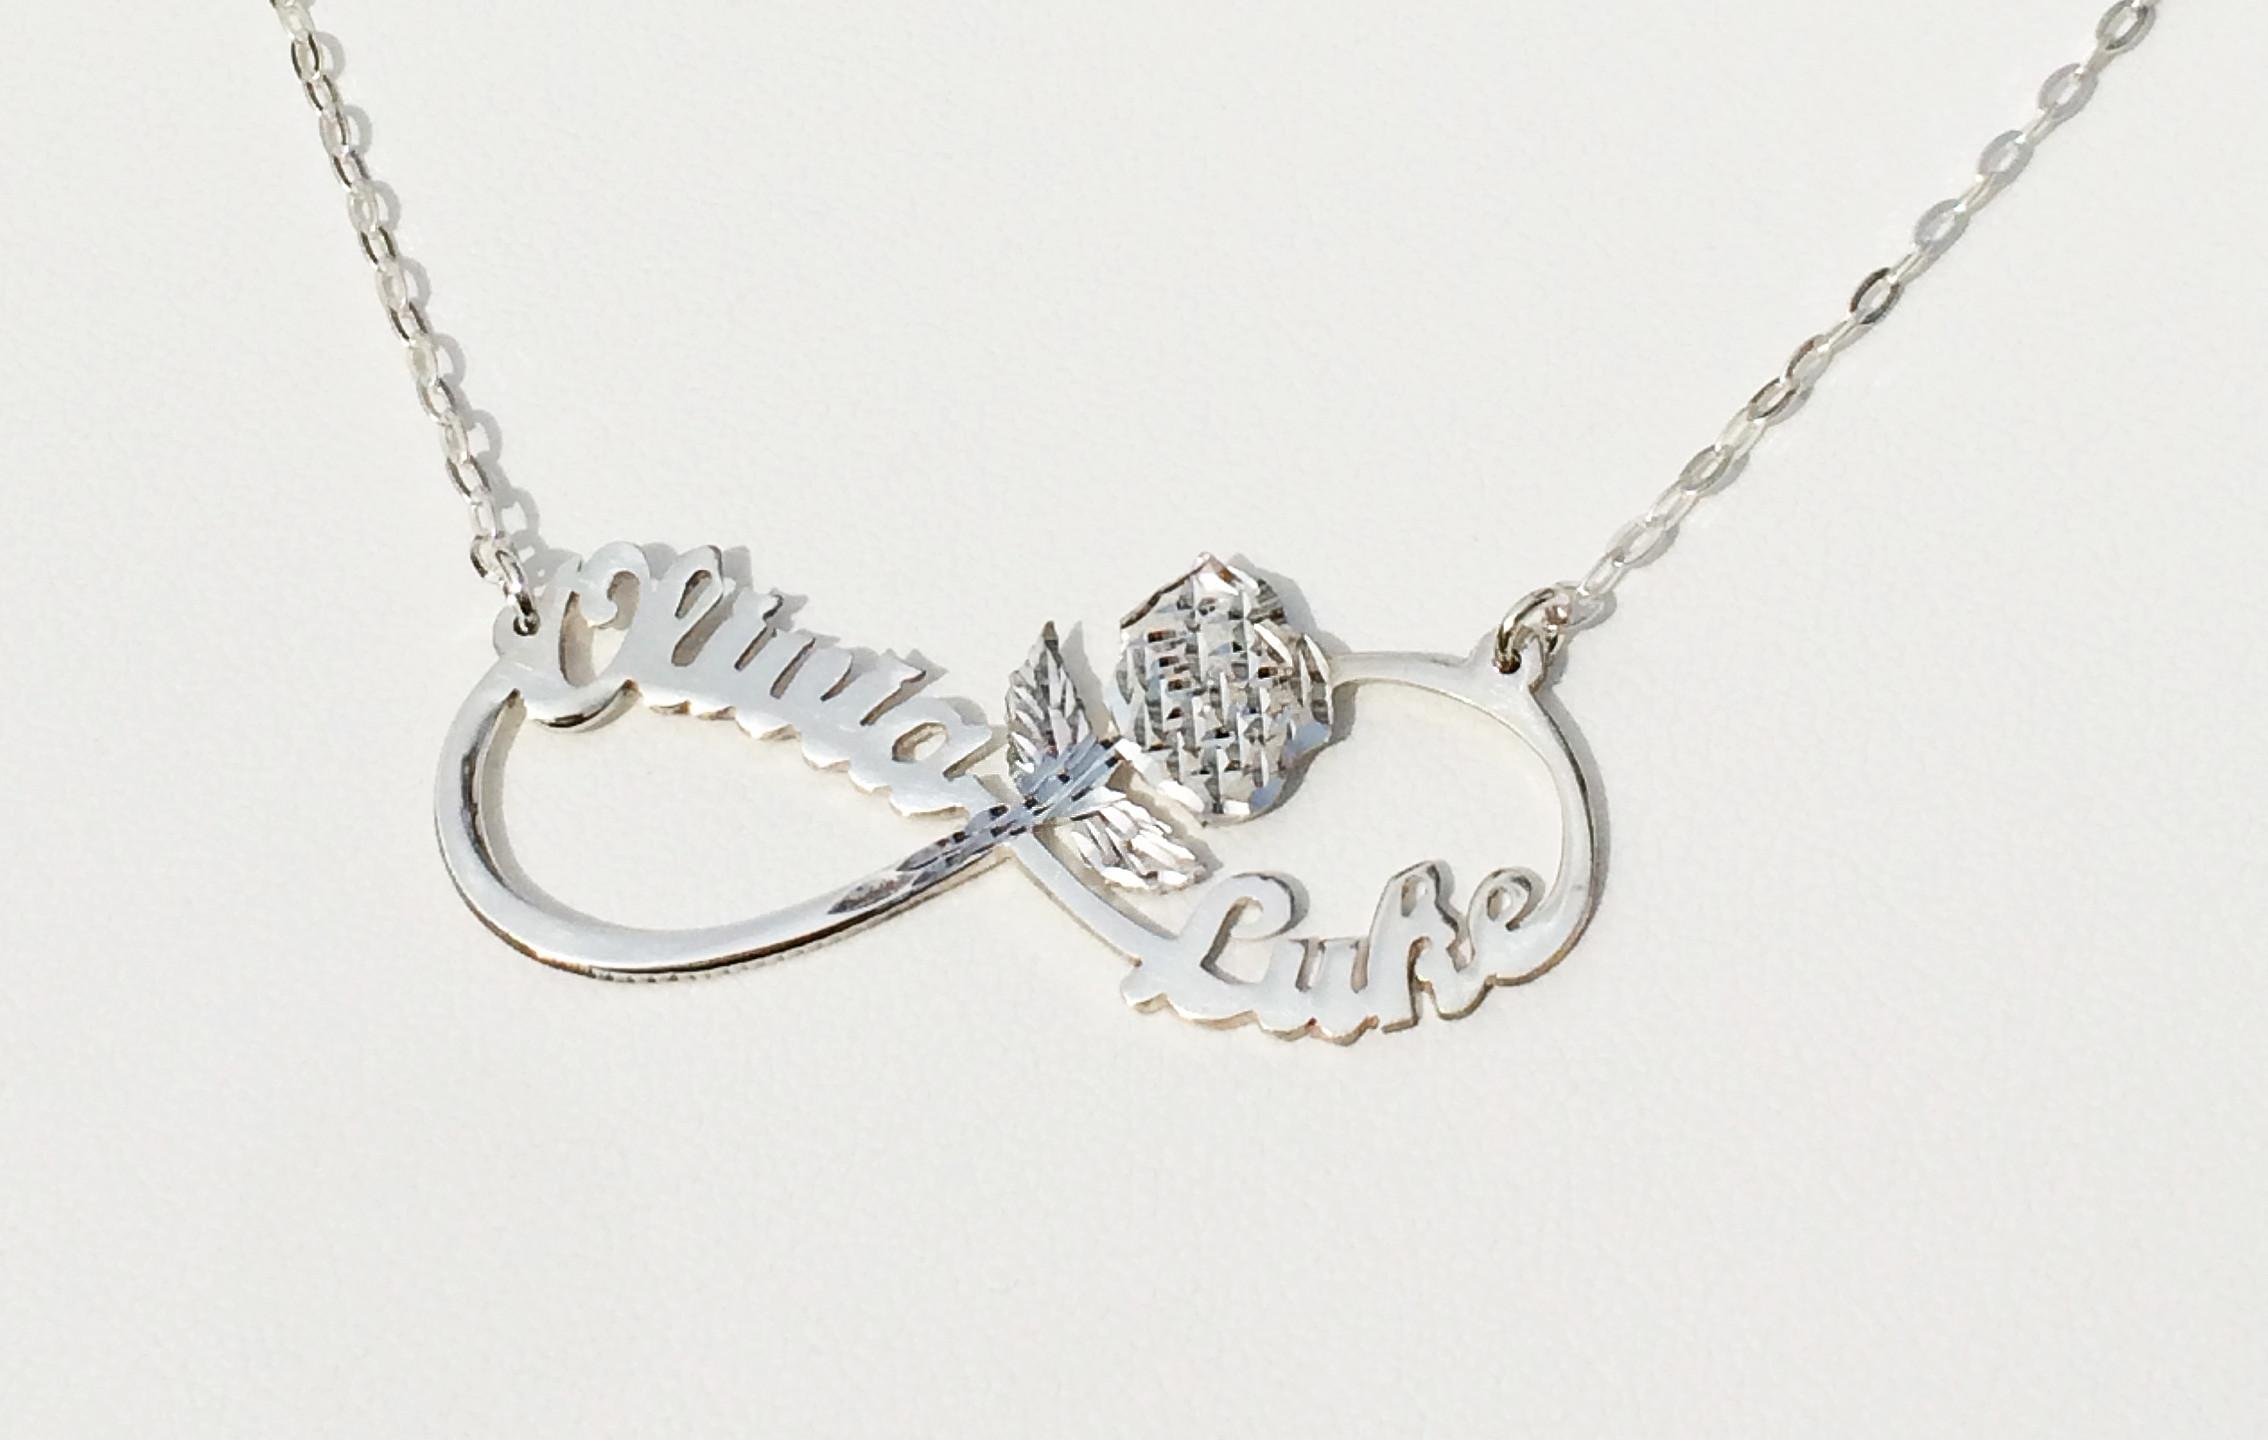 infintiy-name-necklace-usan